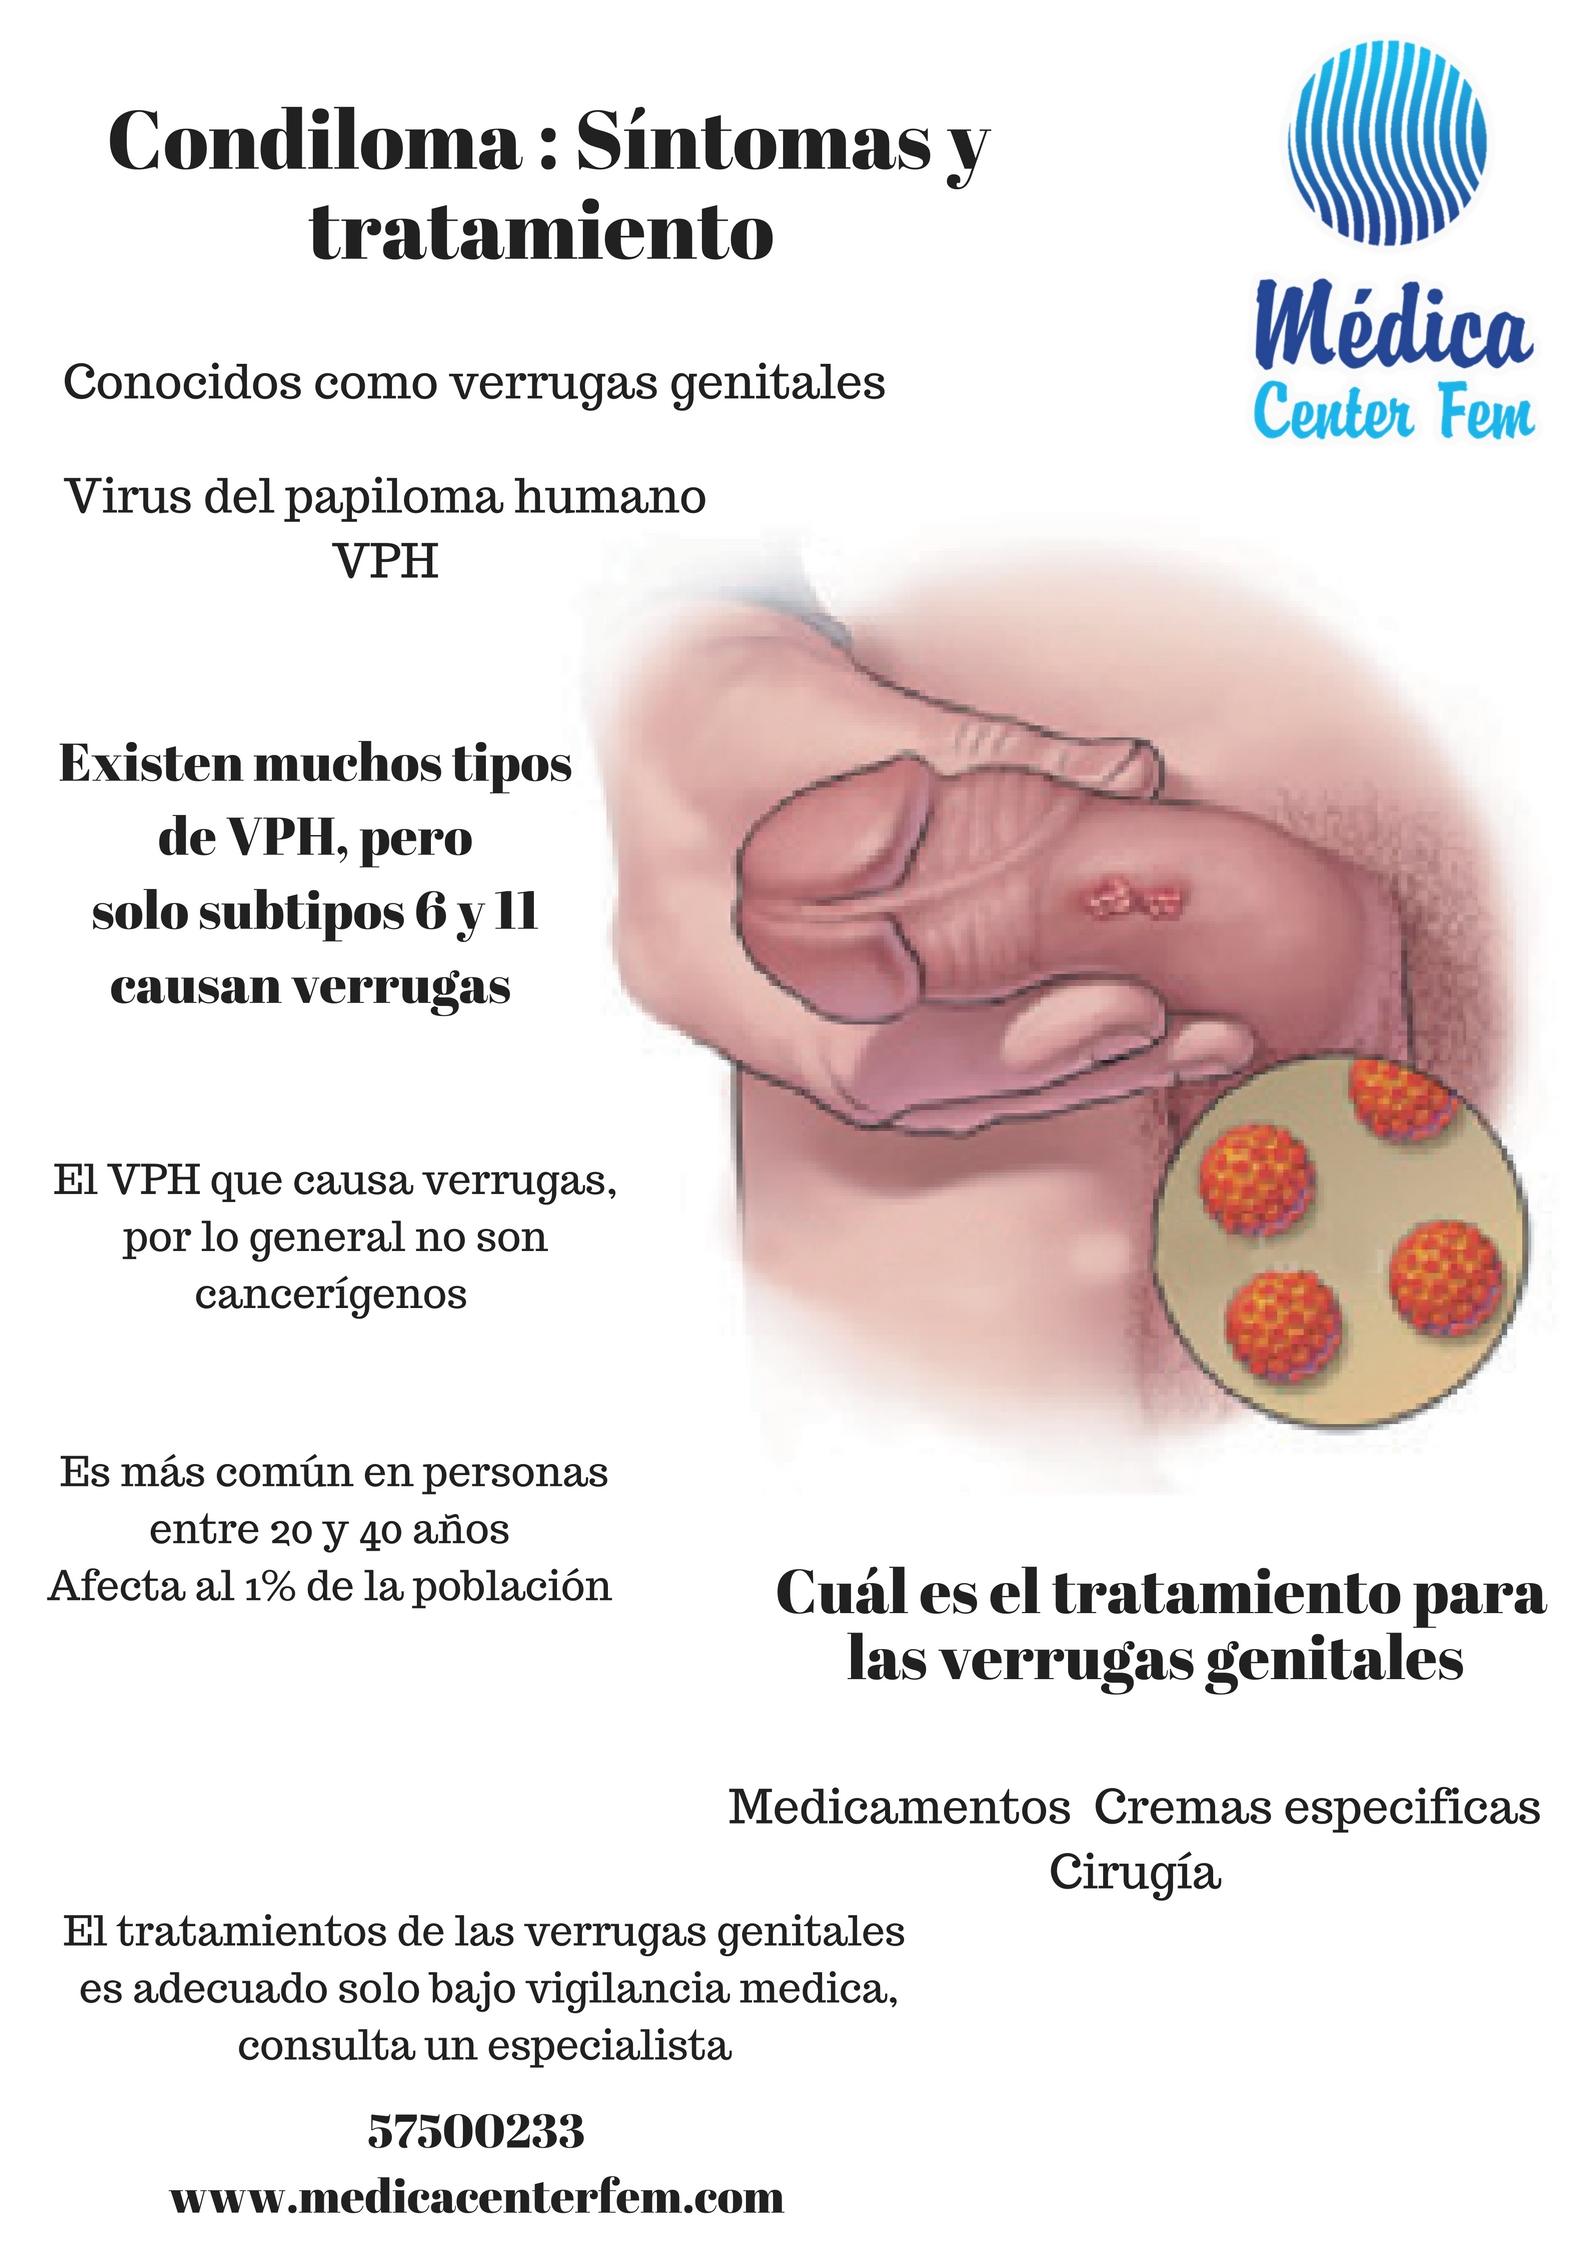 papillomavirus ovule condyloma acuminatum seborrheic keratosis